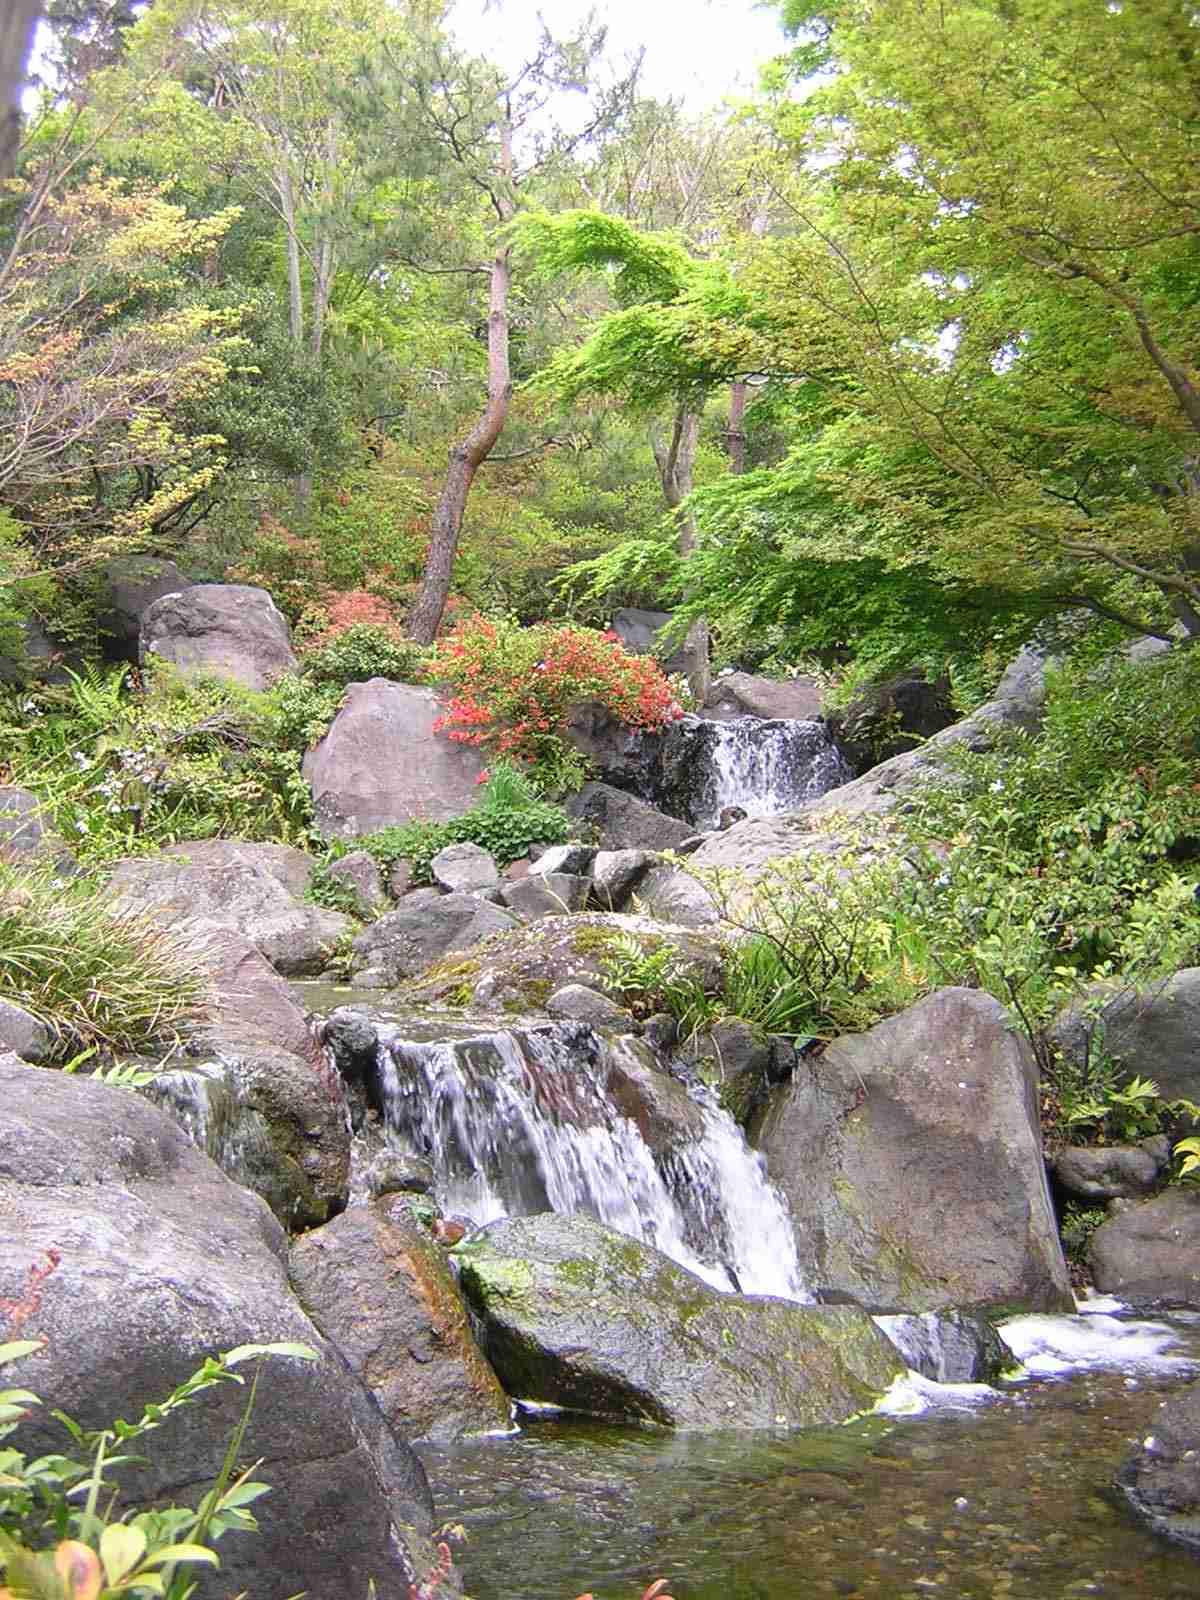 昭和記念公園の日本庭園にある滝